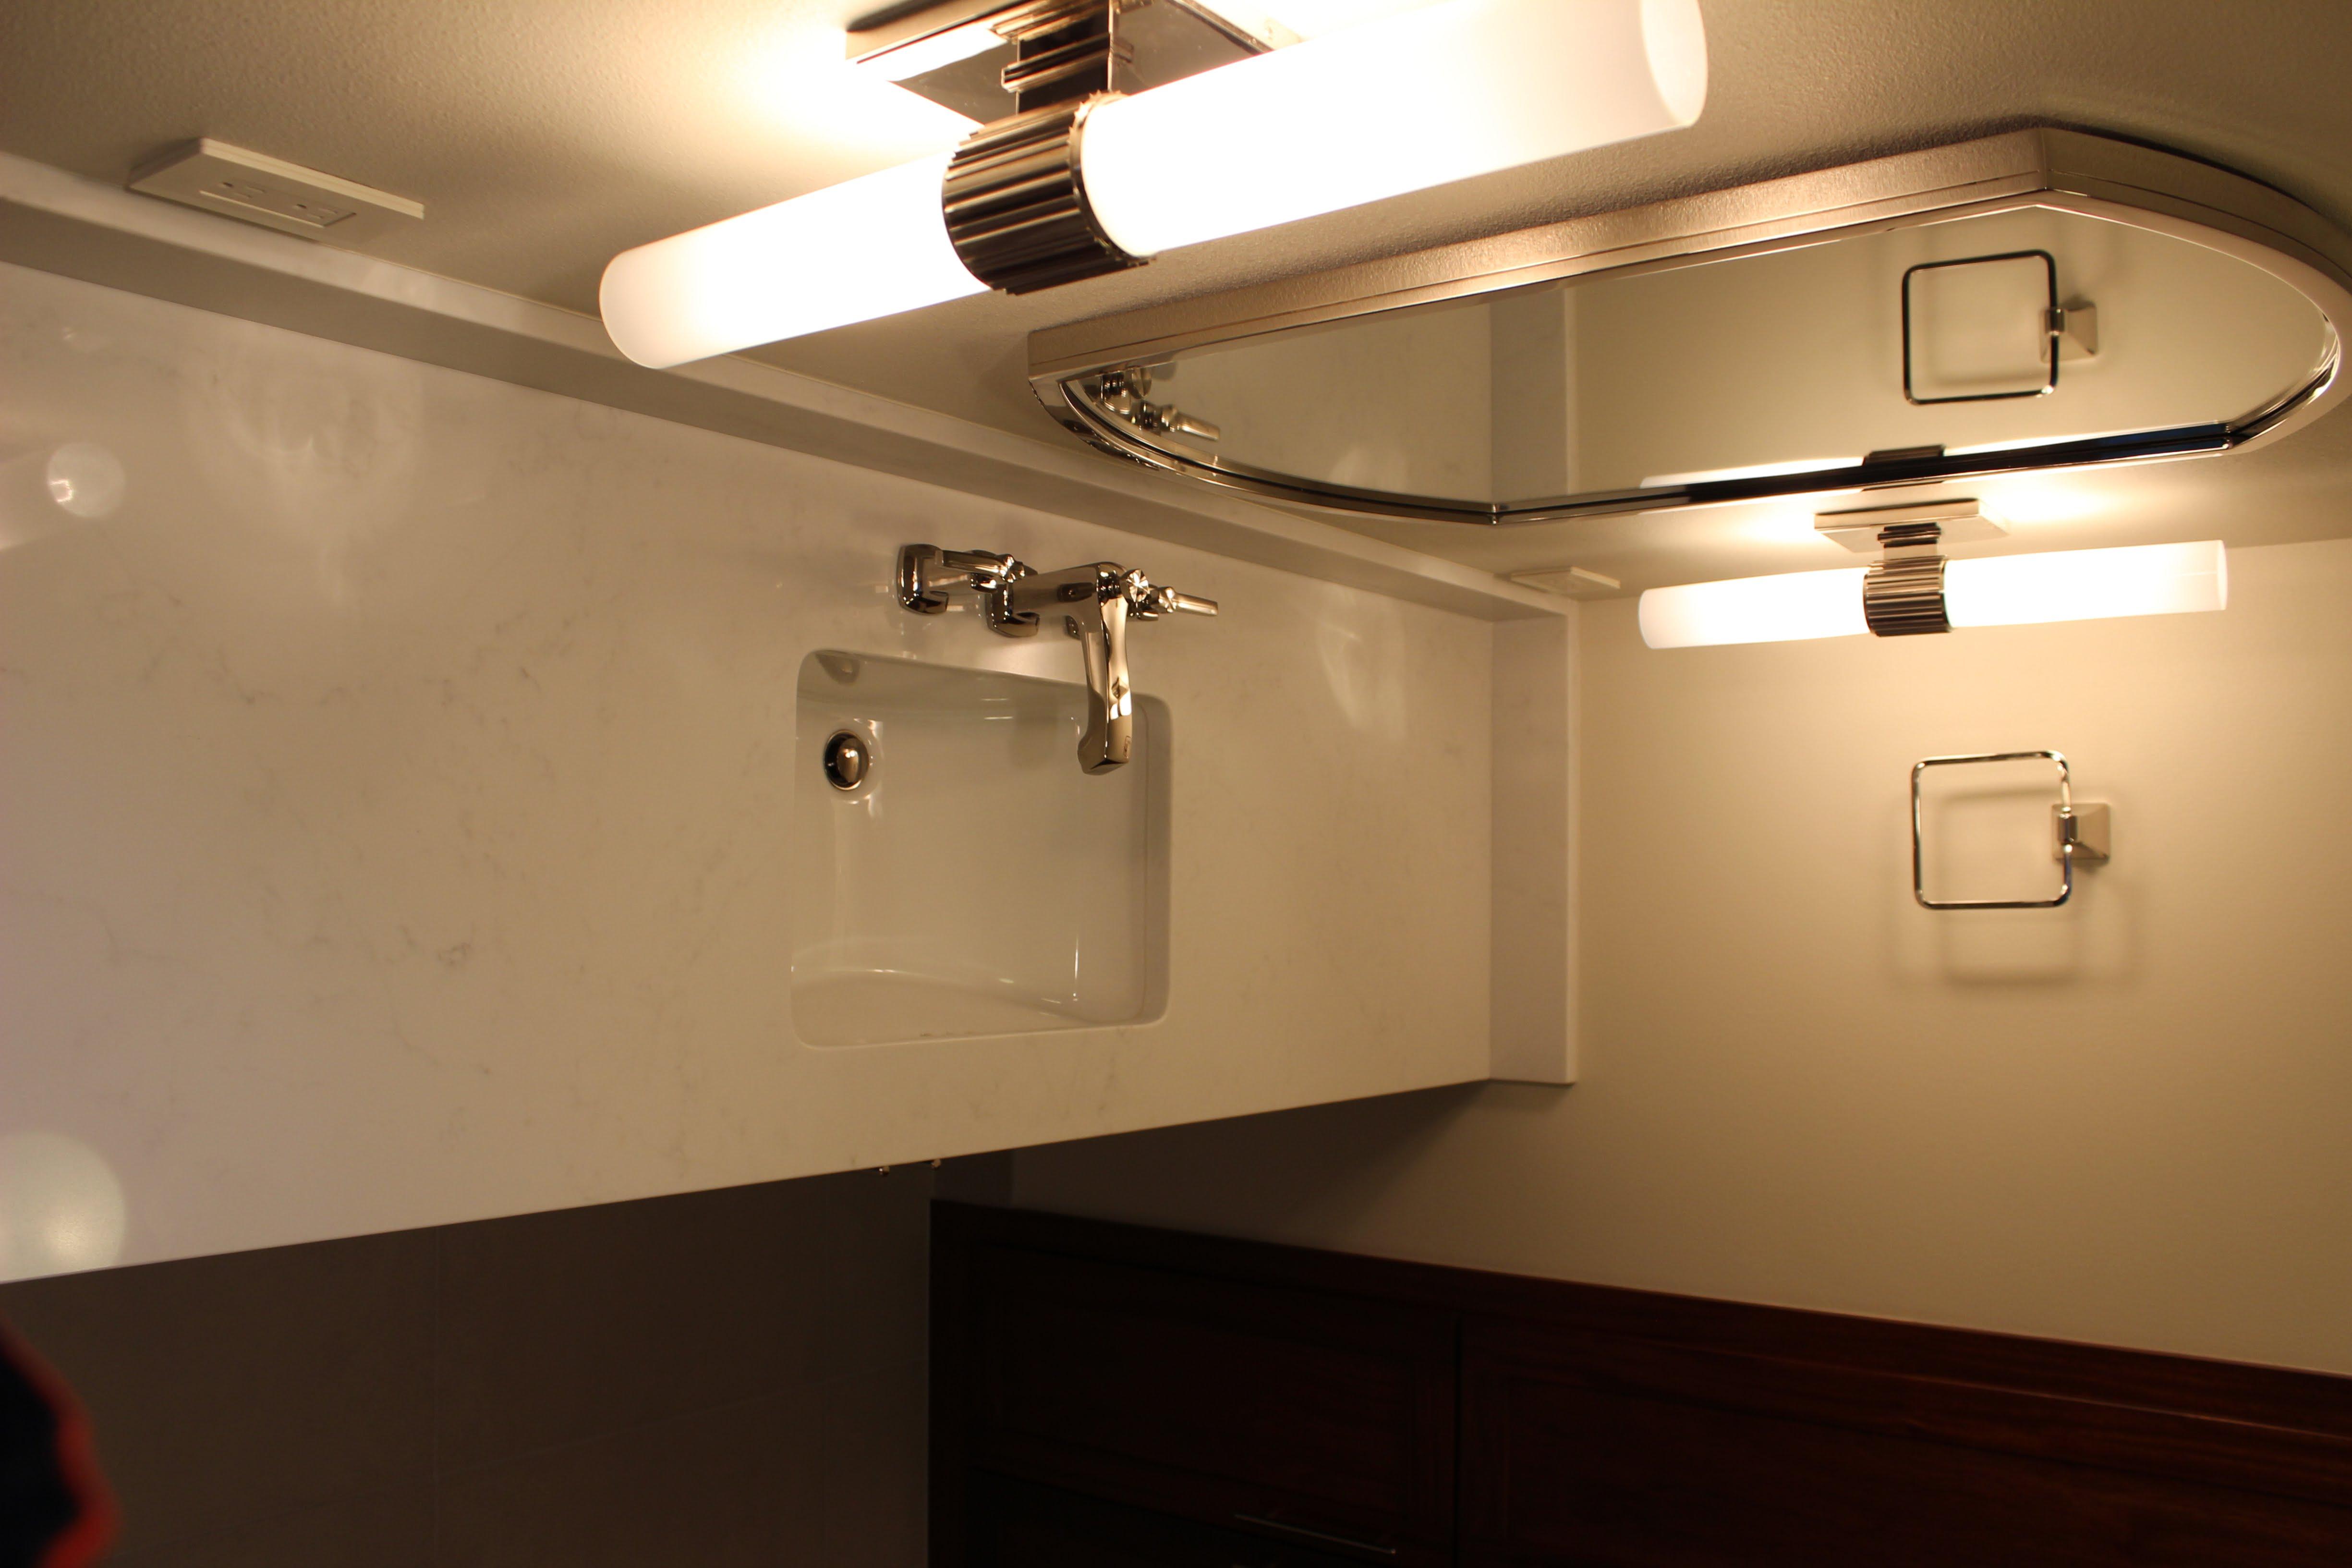 Bathroom vanity- counter top/fixture